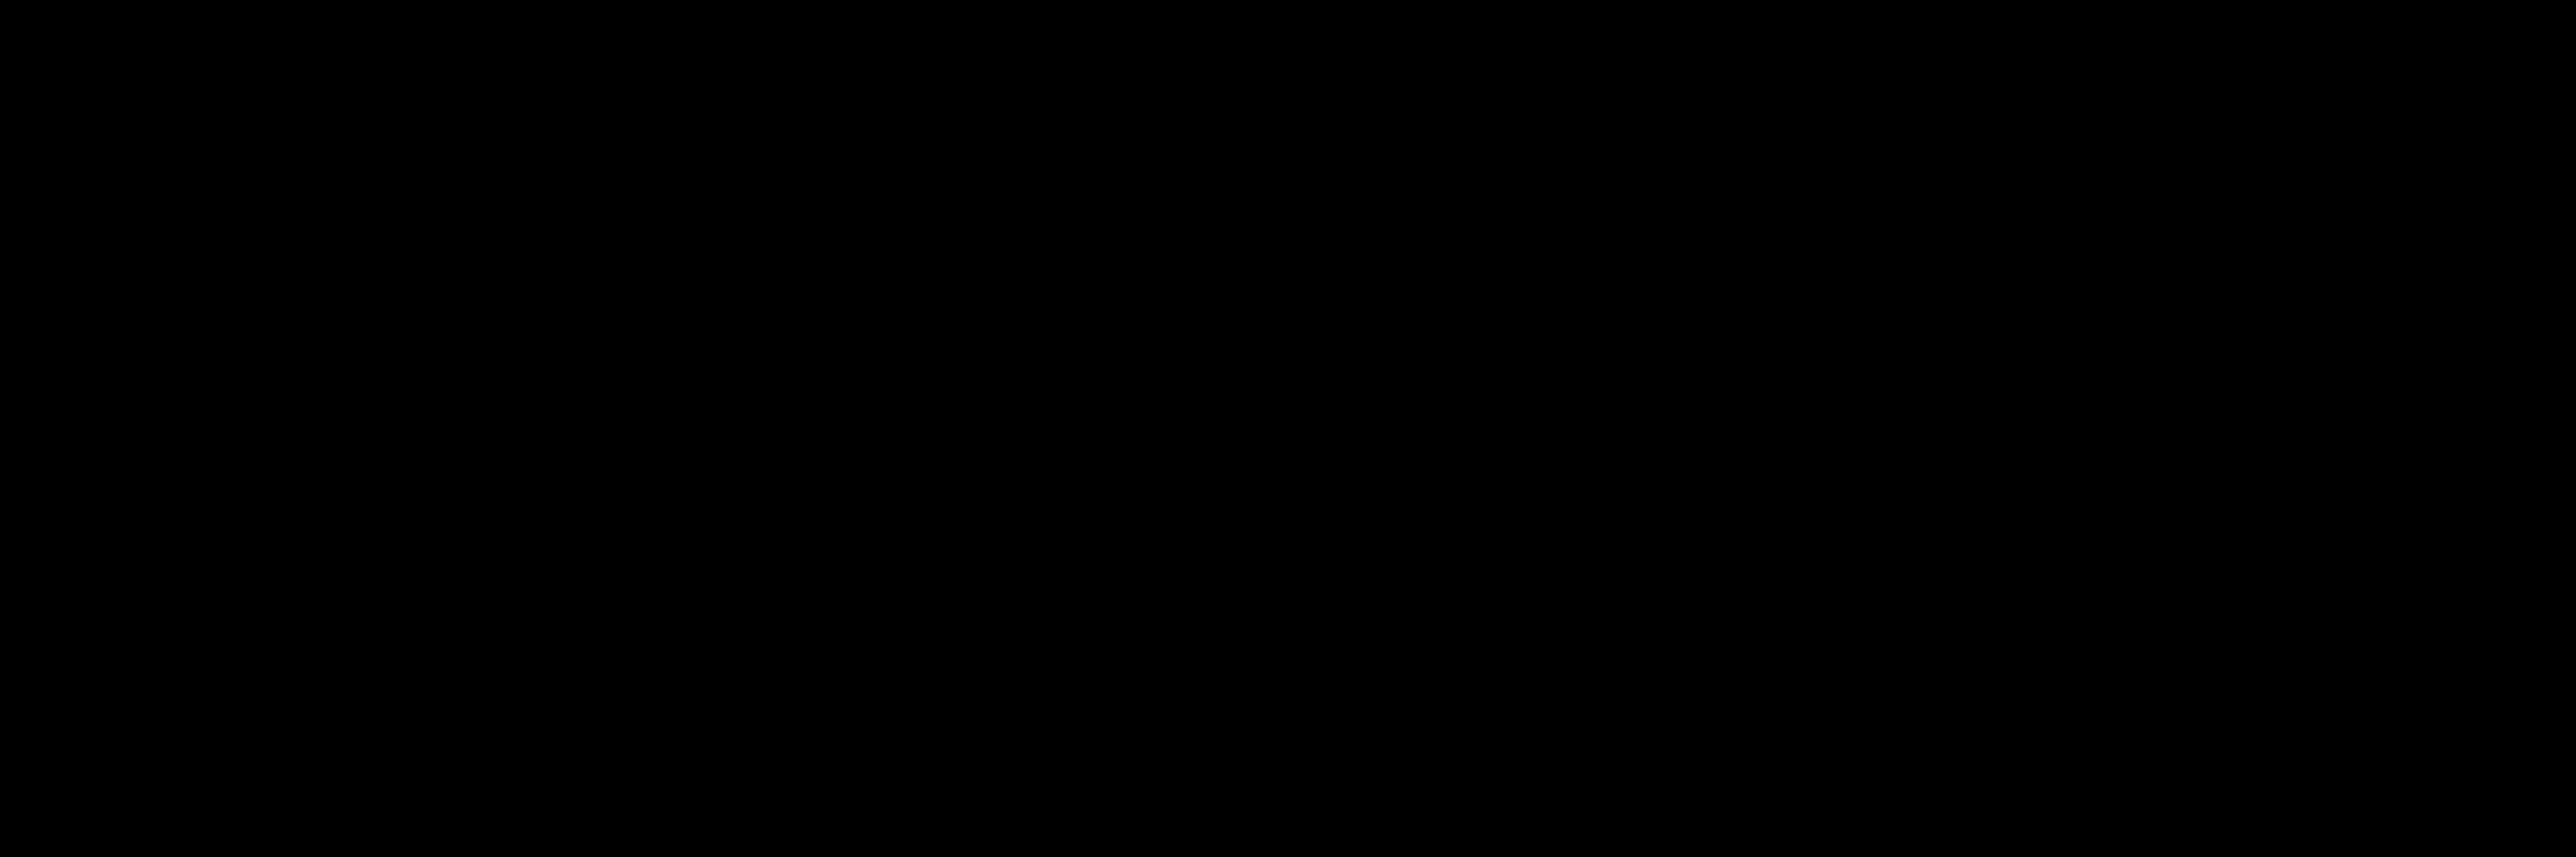 Beau File:Louvre   Élévation De La Principale Facade Au Côté De Saint Germain